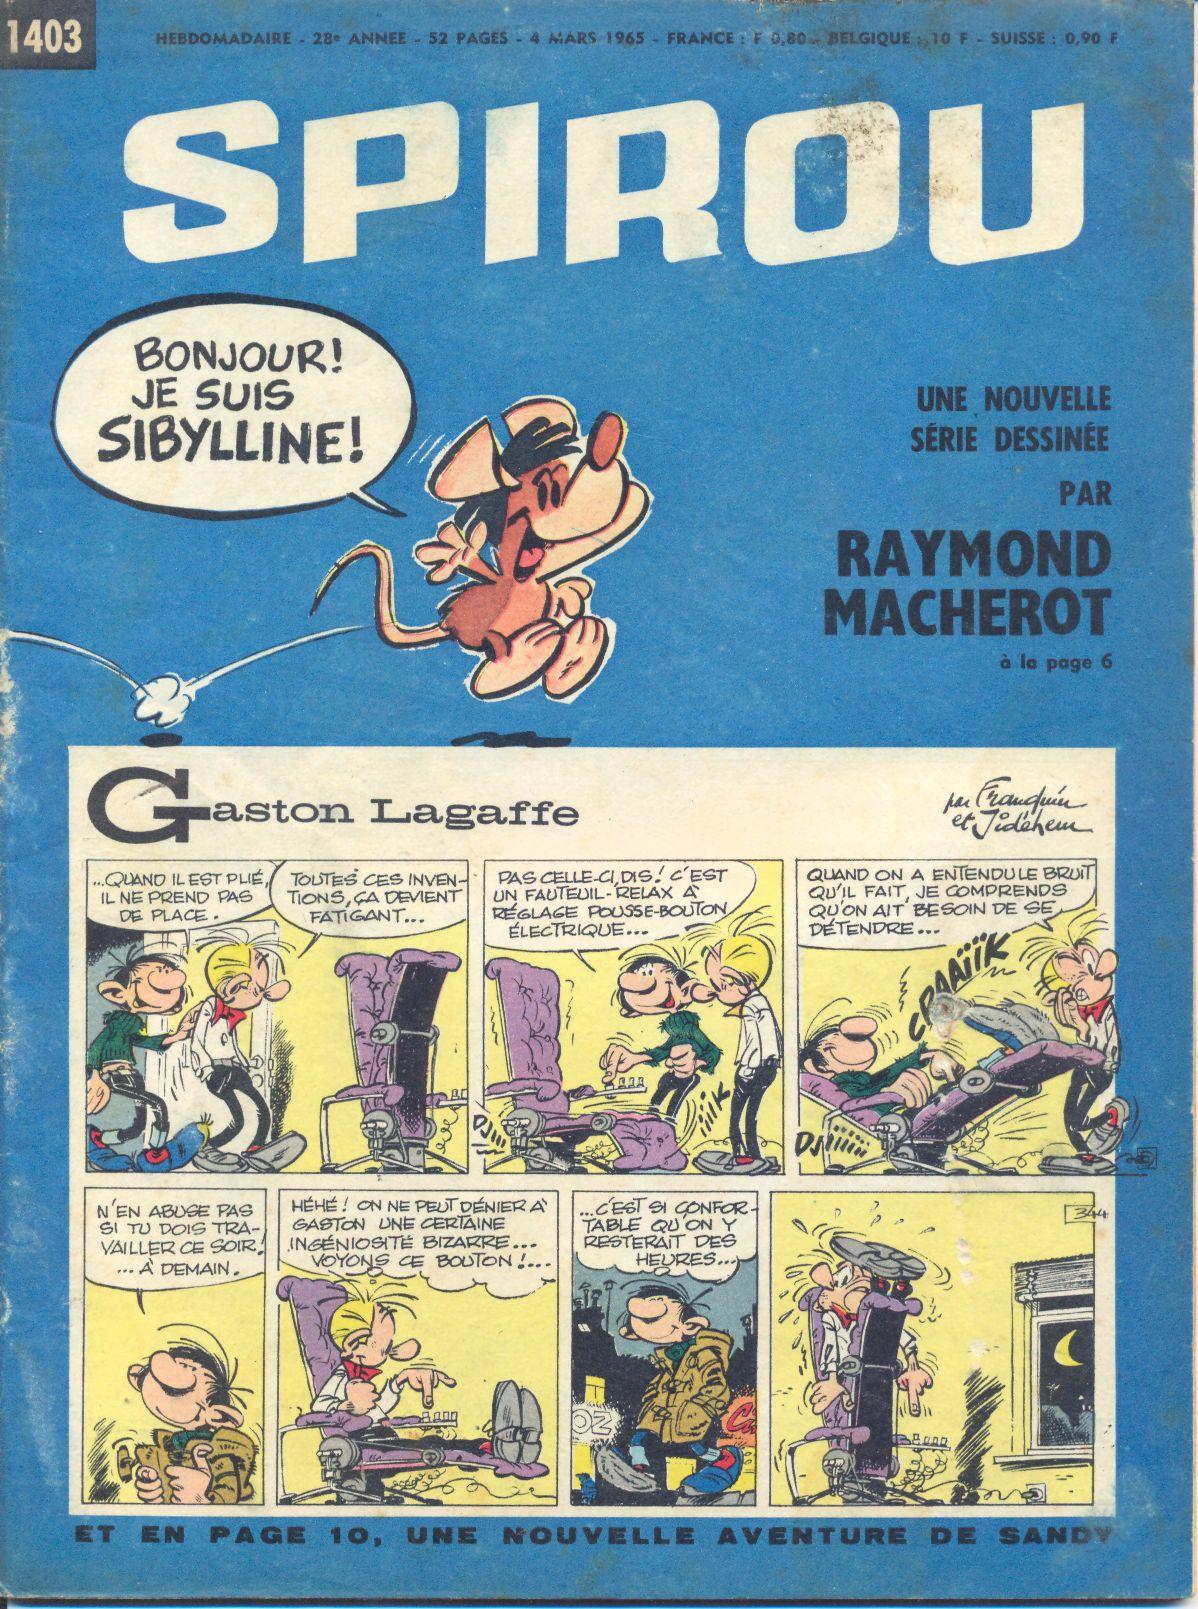 Le journal de Spirou 1403